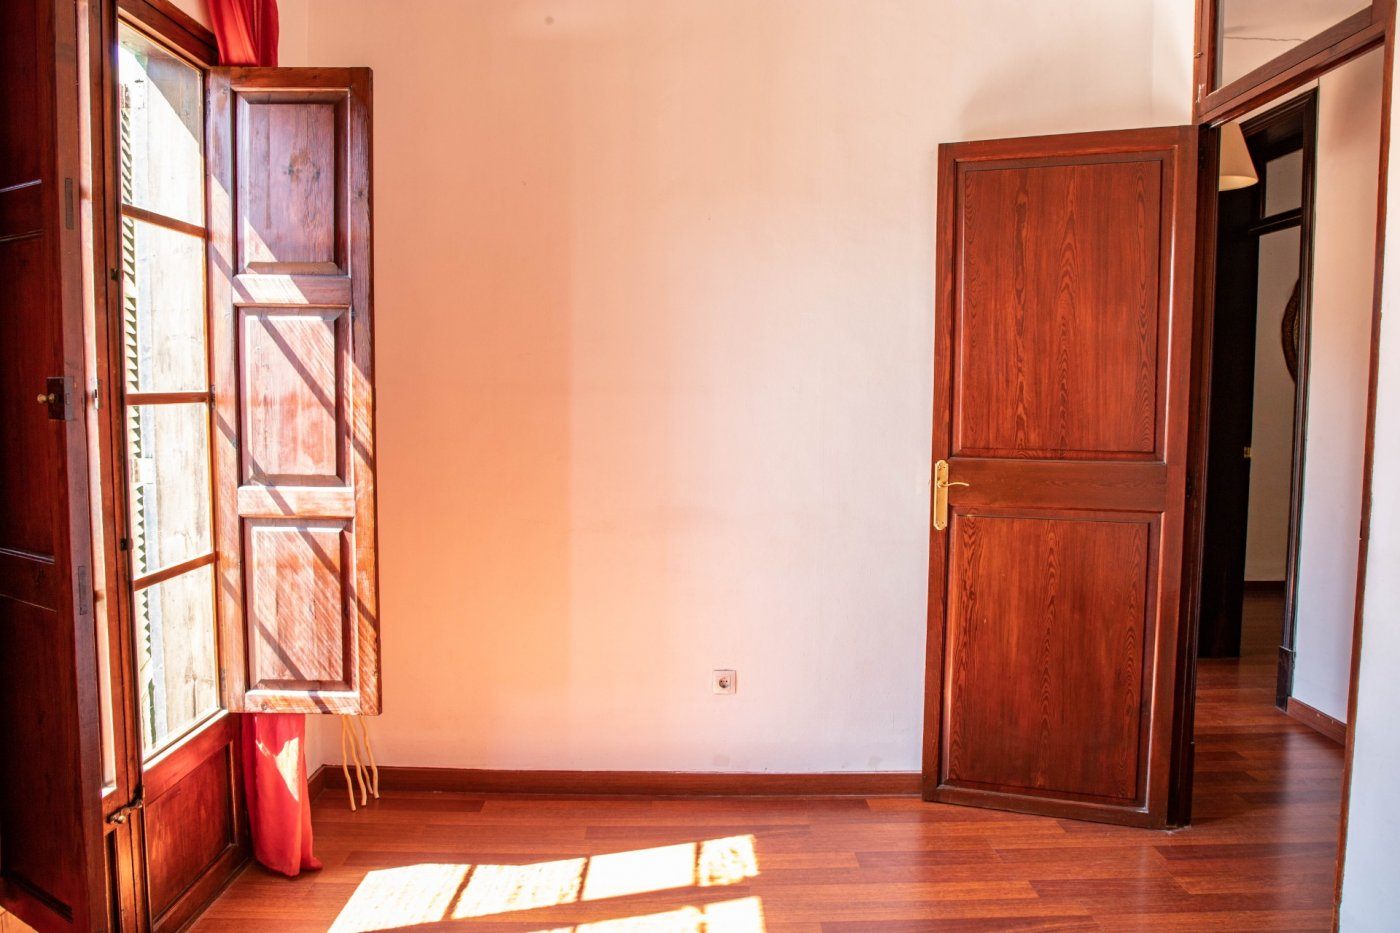 Precioso piso antiguo con mucho carácter en el centro de palma - imagenInmueble10